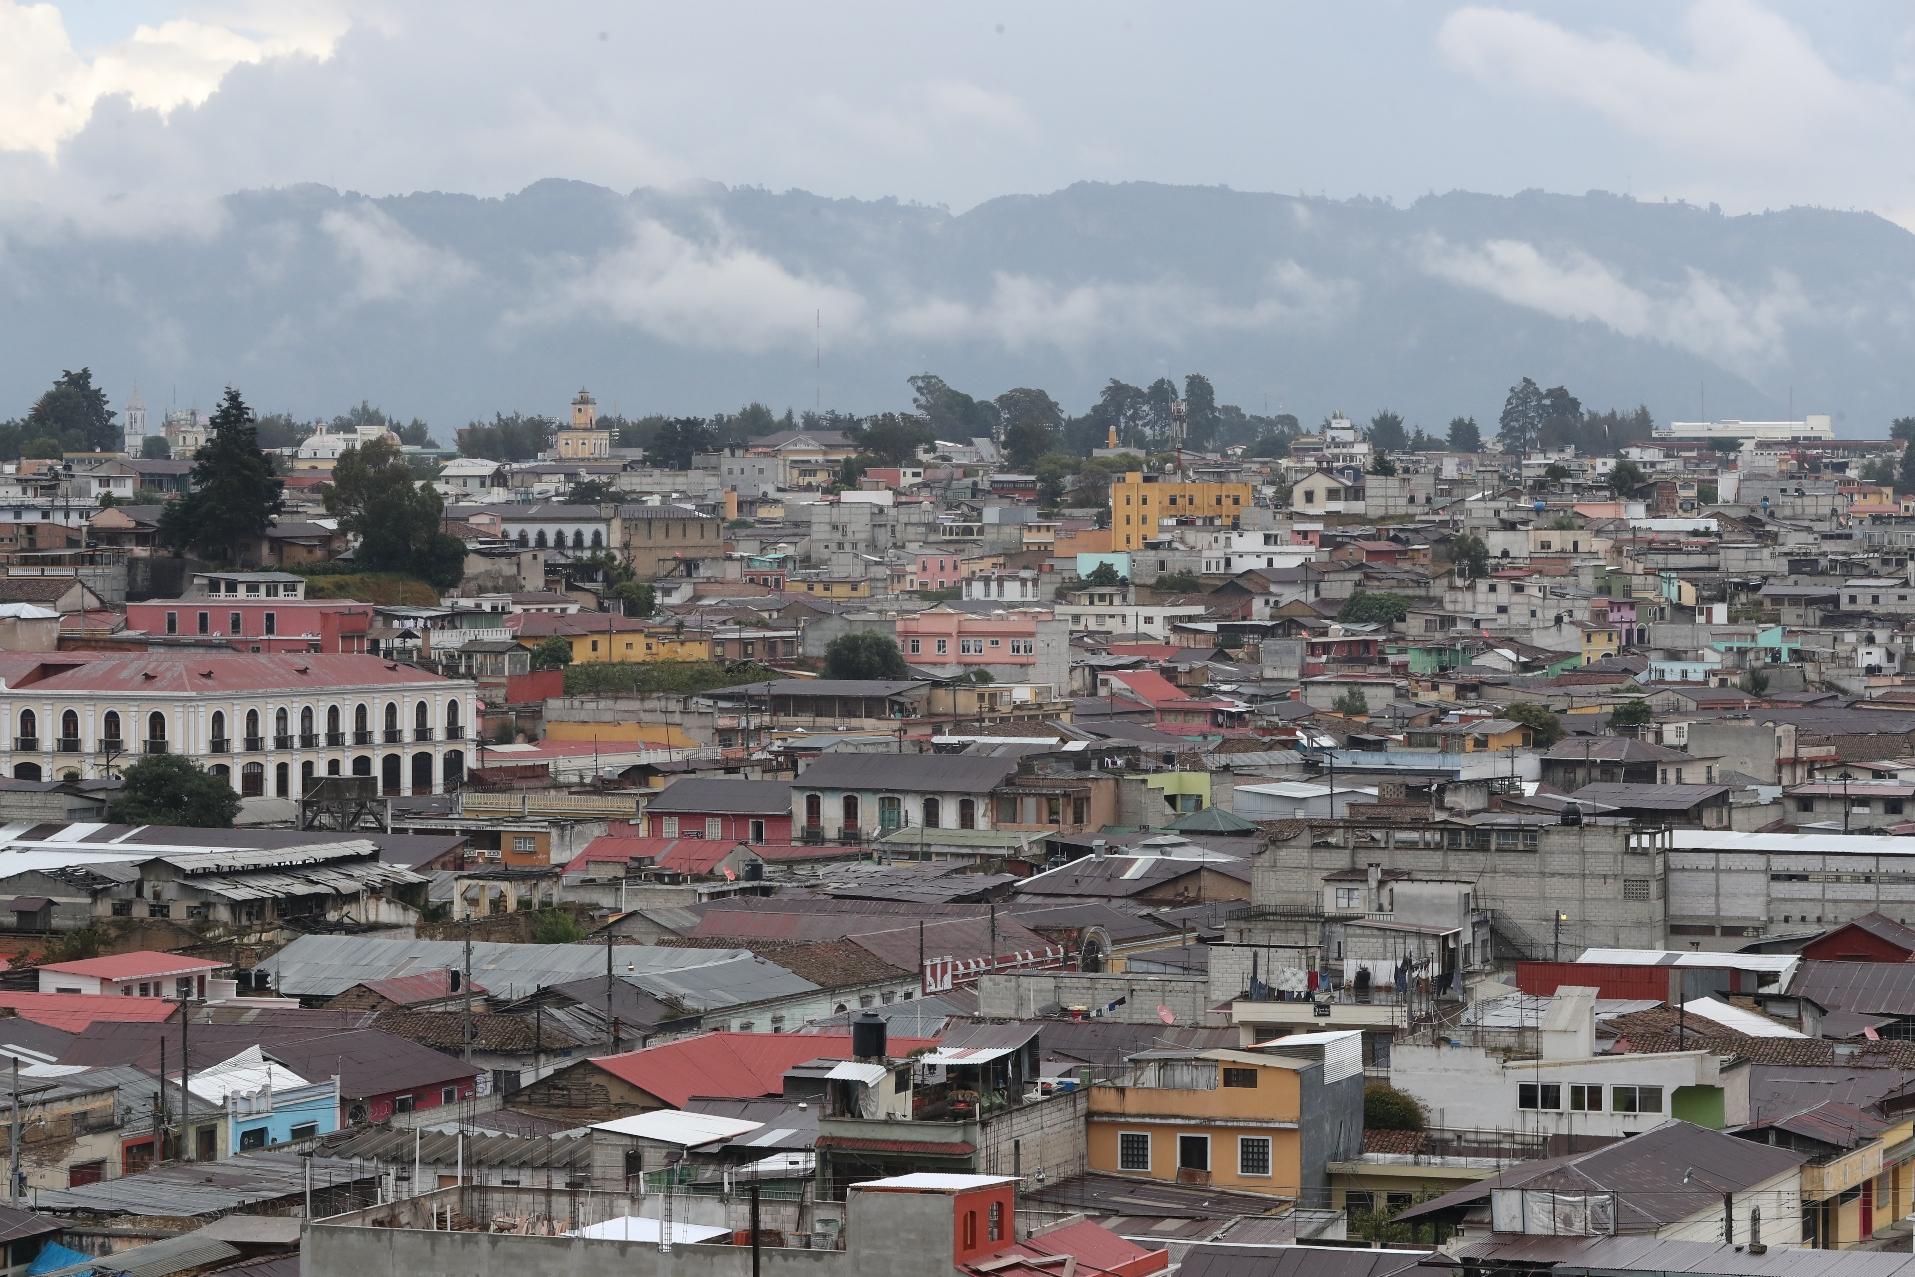 Los hogares quetzaltecos observaran en los recibos la nueva tarifa de la energia a partir de marzo de este año. (Foto Prensa Libre: María Longo)